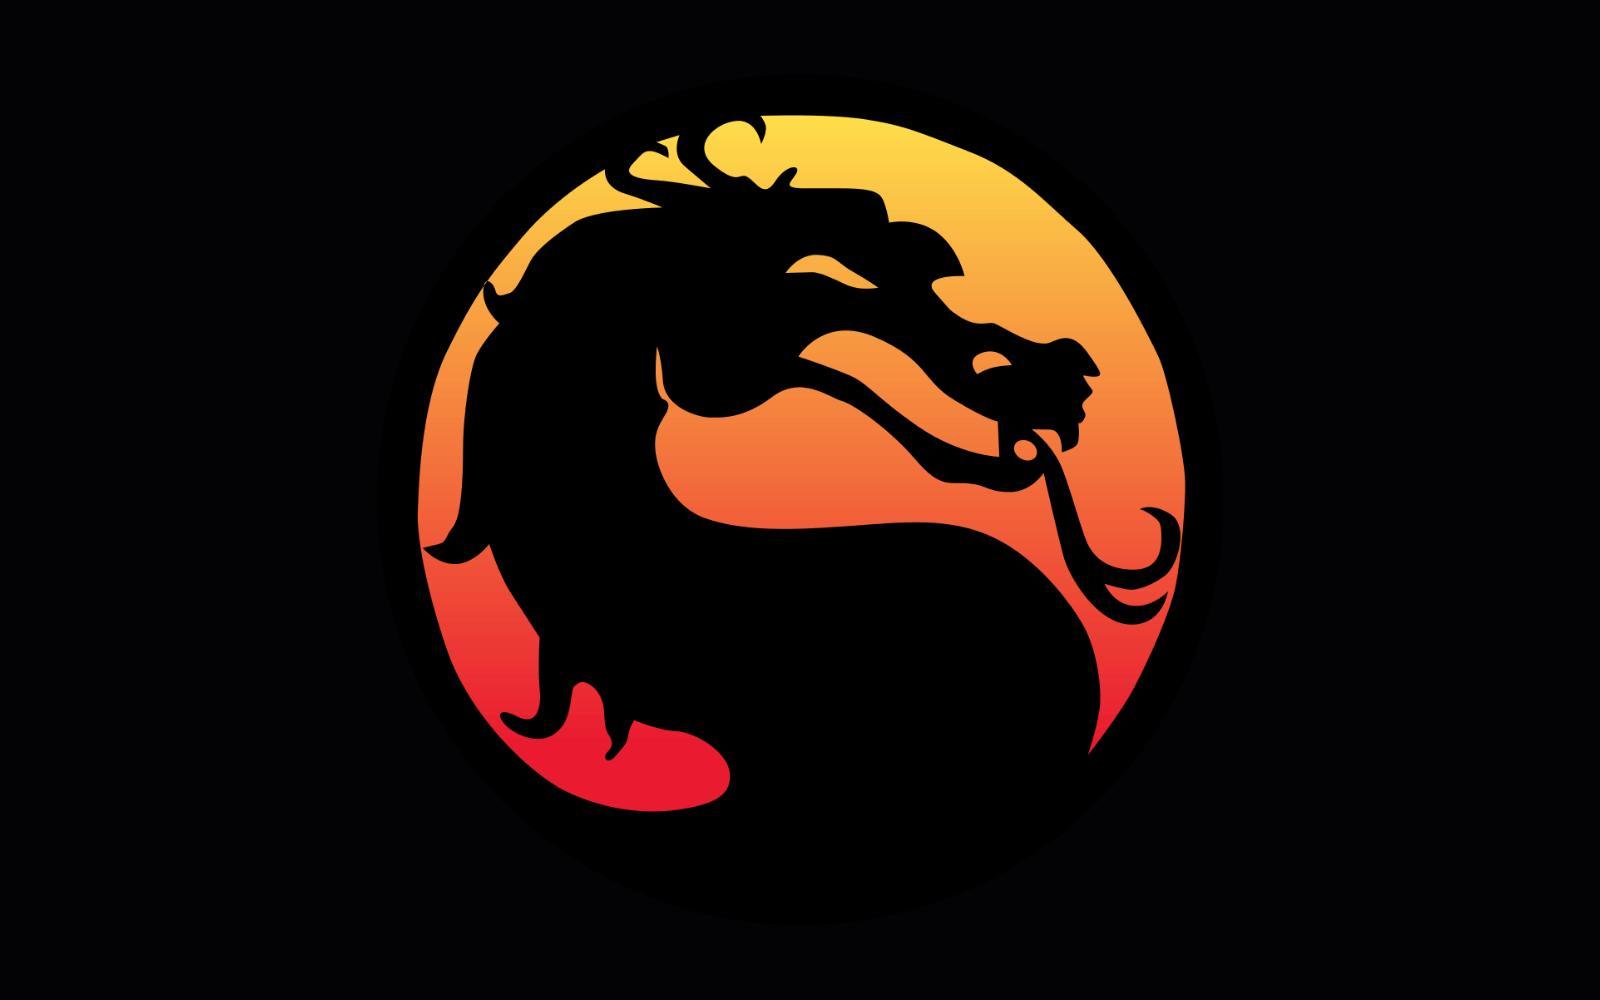 Как выглядят фаталити из Mortal Kombat 11 в стиле 90-ых